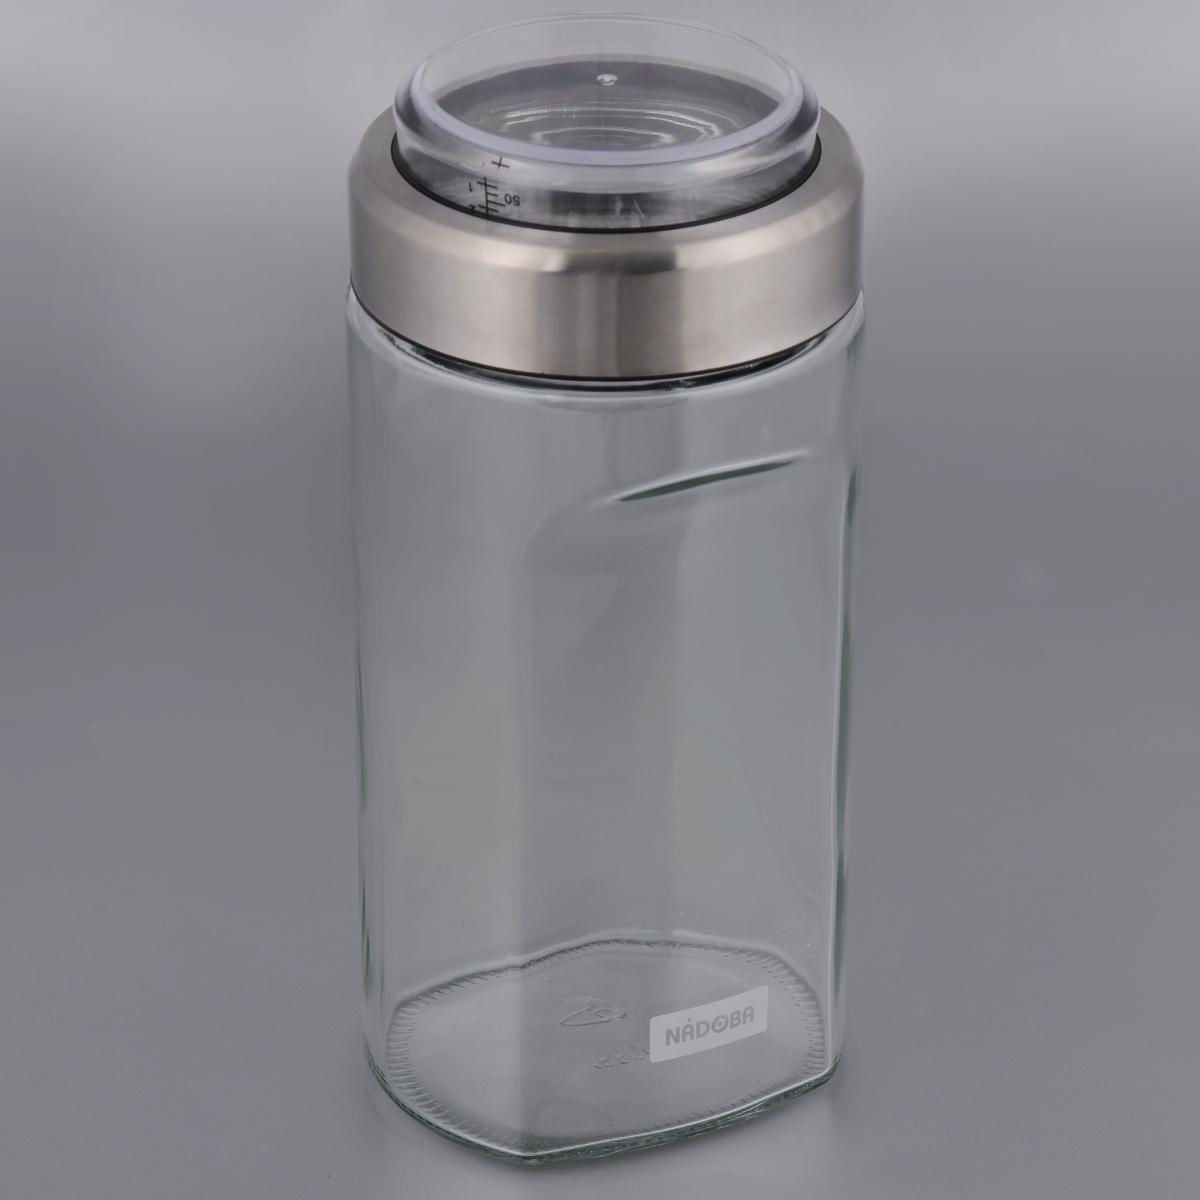 Емкость для сыпучих продуктов Nadoba Petra, с мерным стаканом, 1,15 л741012Емкость Nadoba Petra, изготовленная из высокопрочного стекла, оснащена мерным стаканом,который встроен в крышку. Благодаря эргономичному дизайну изделие удобно брать одной рукой.Стенки емкости прозрачные - хорошо видно, что внутри. Изделие идеально подходит дляхранения различныхсыпучих продуктов: круп, макарон, специй, кофе, сахара, орехов, кондитерских изделий и многогодругого. Диаметр емкости (по верхнему краю): 9,5 см. Высота (без учета крышки): 16 см.